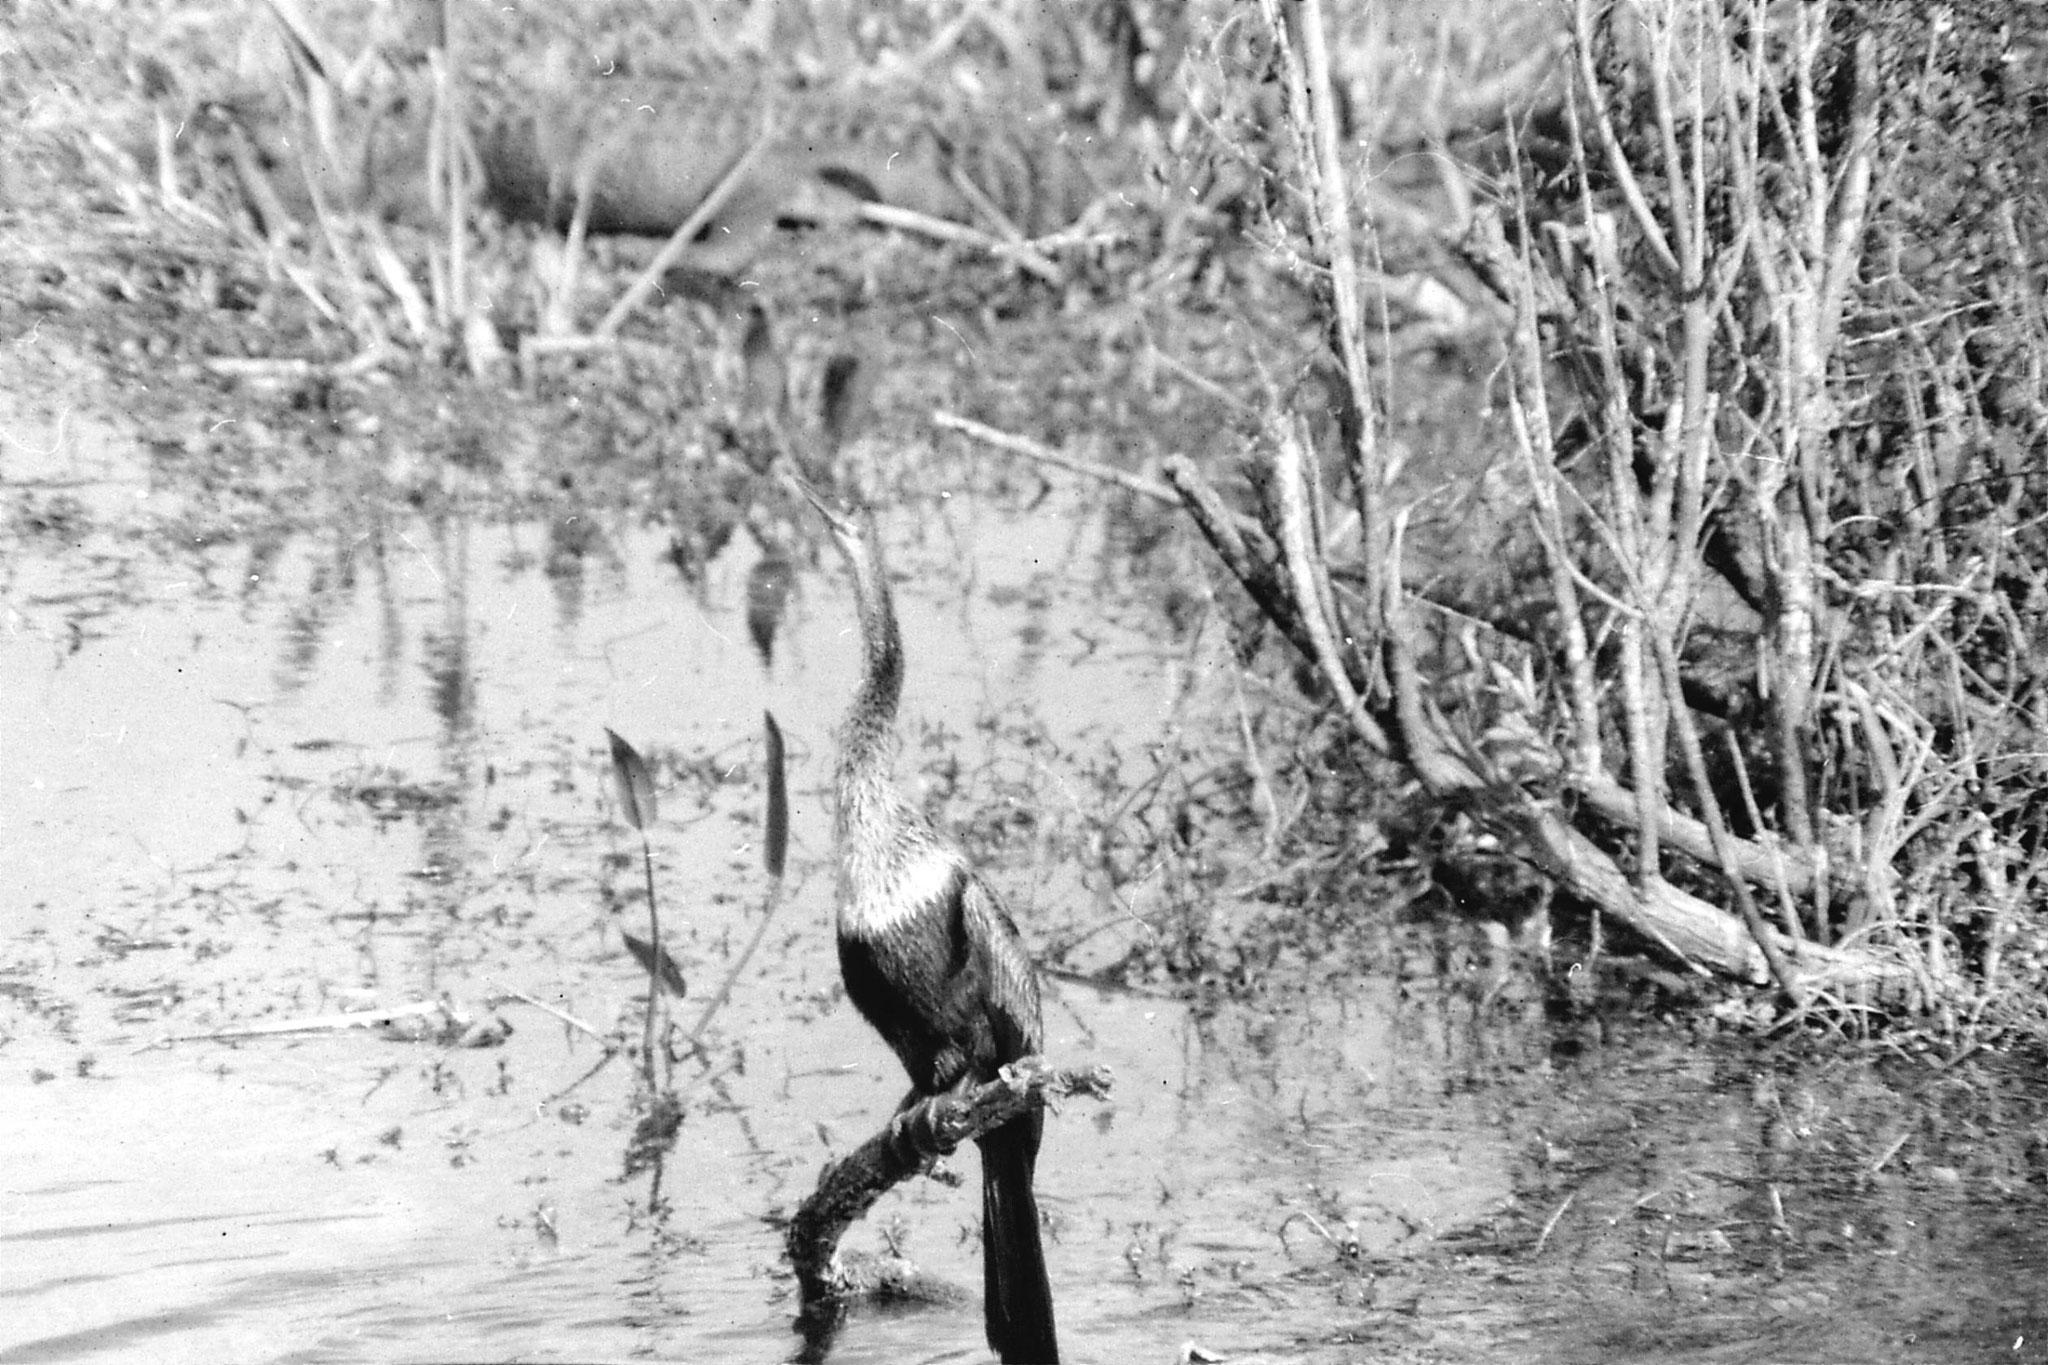 21/12/1990: 3: Everglades, anhinga